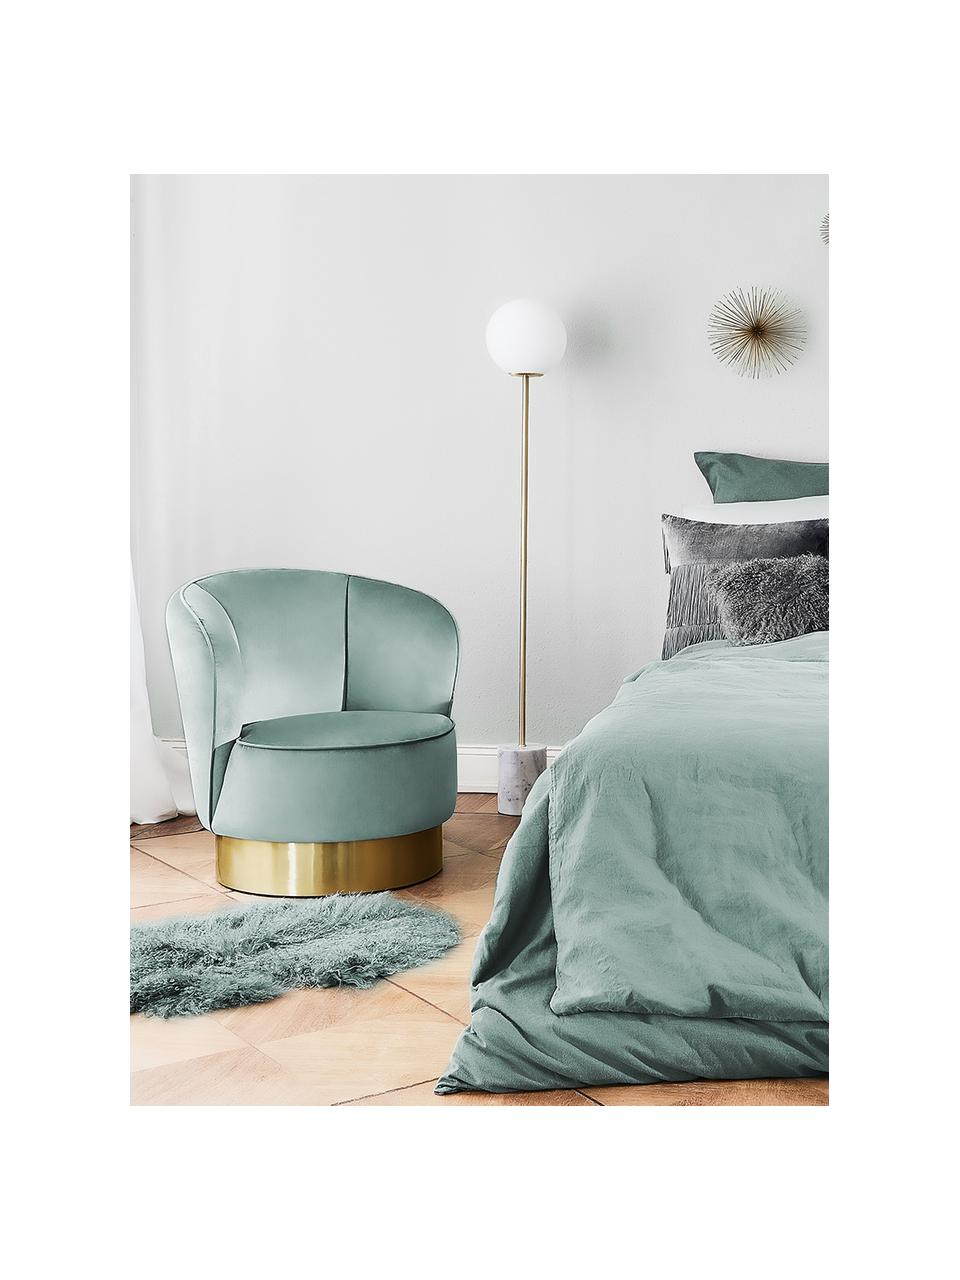 Fluwelen fauteuil Olivia in saliekleur, Bekleding: fluweel (polyester), Voet: gecoat metaal, Fluweel saliekleurig, B 70 x D 70 cm